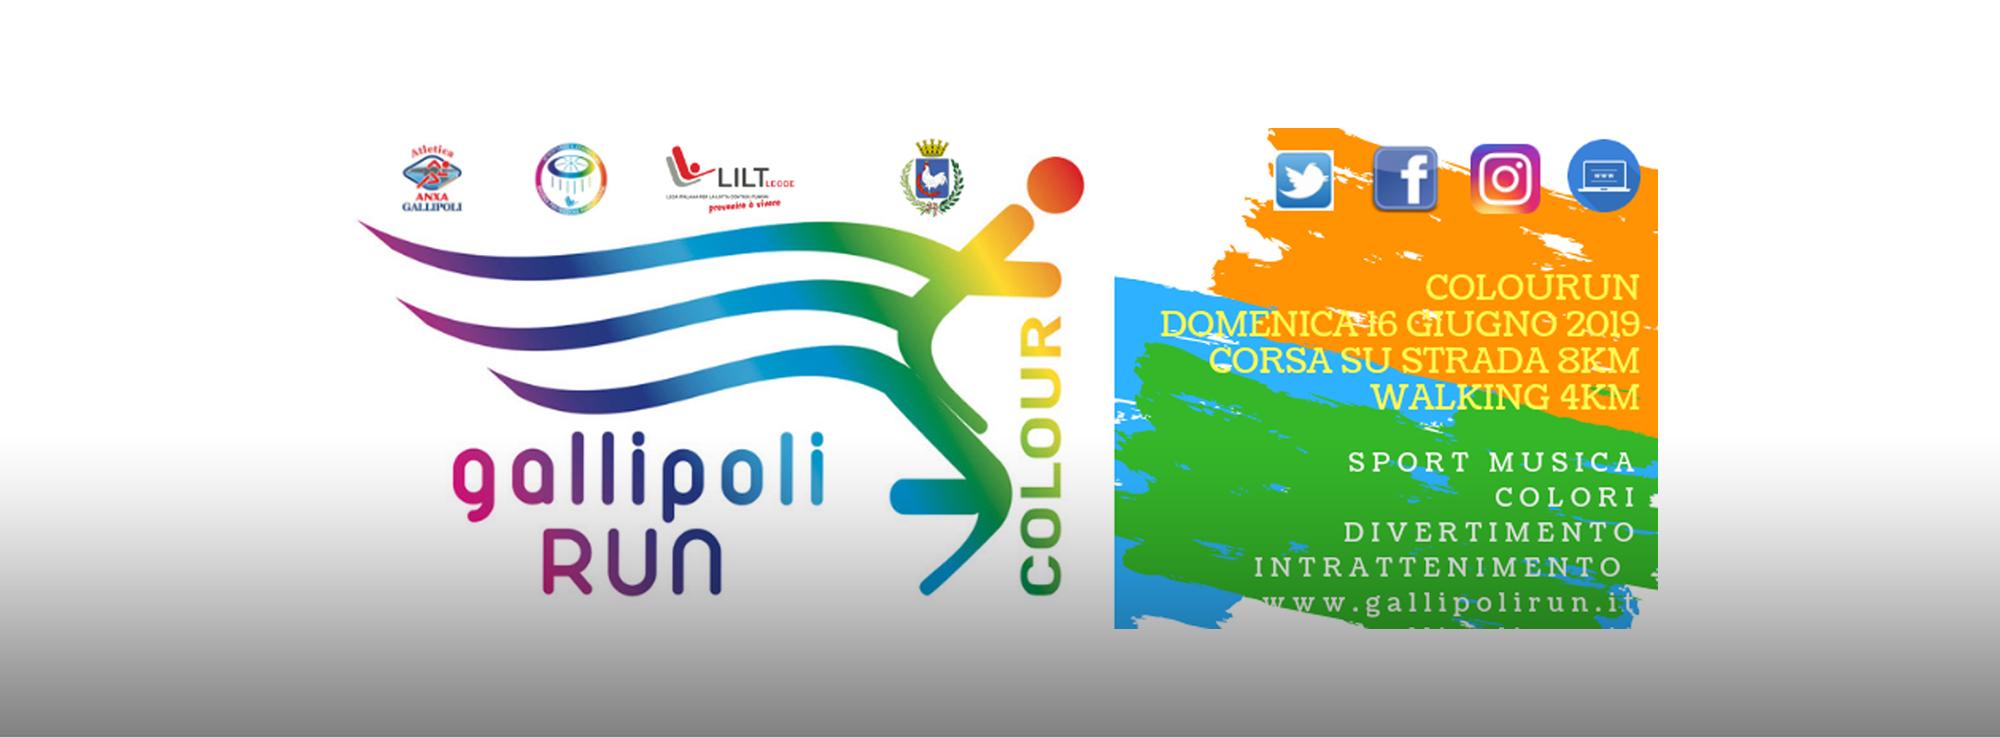 Gallipoli: Gallipoli ColouRun